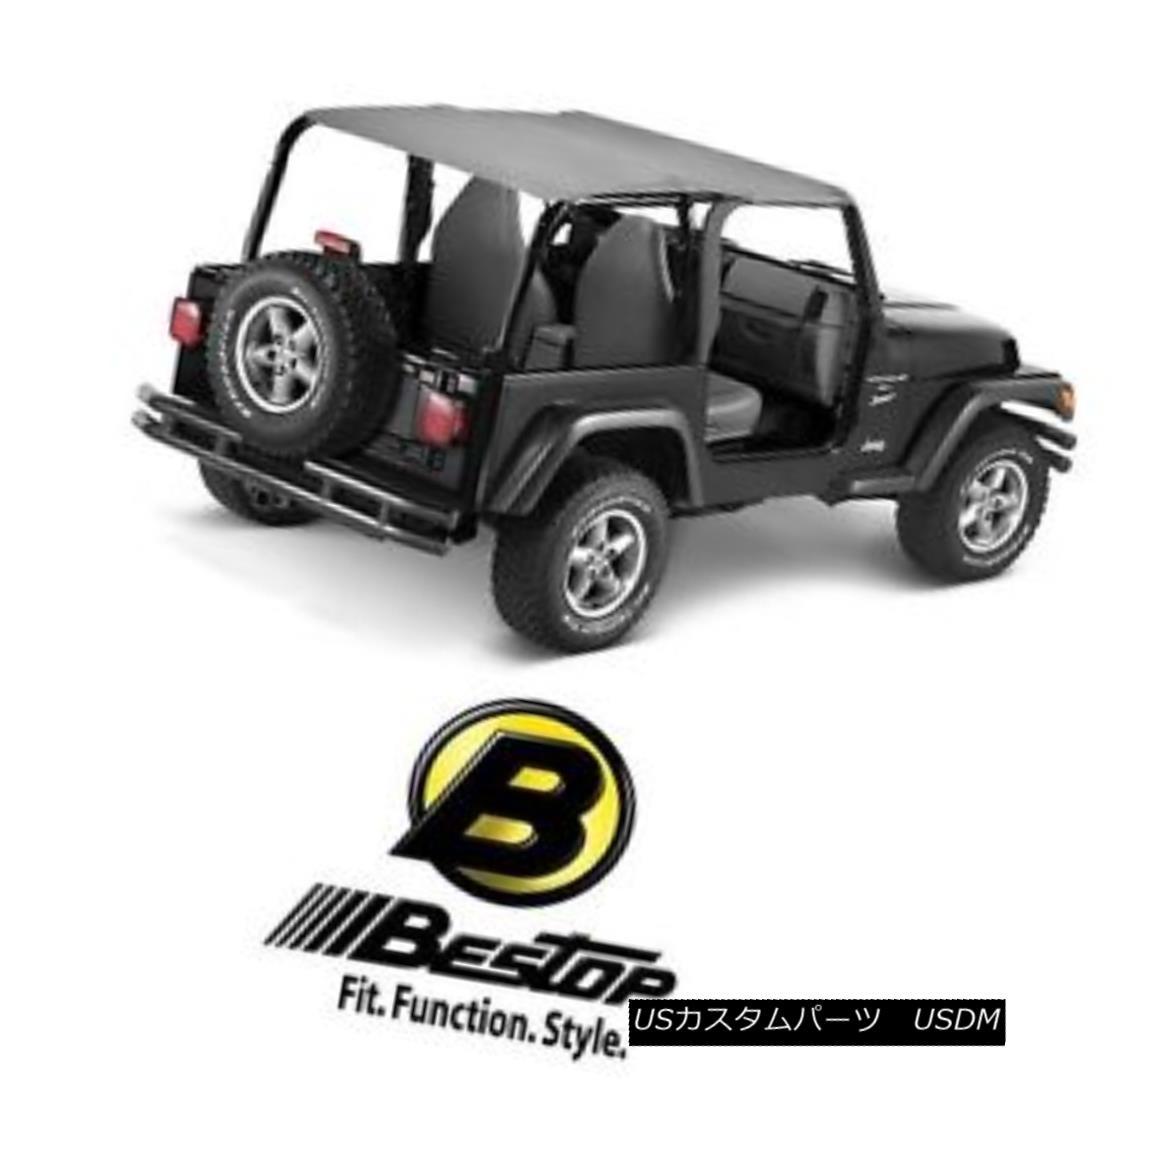 幌・ソフトトップ Bestop Bikini Safari Version for 92-95 Jeep Wrangler YJ Charcoal / Gray 52529-09 Bestopビキニサファリバージョン92-95ジープラングラーYJチャコール/グレー52529-09